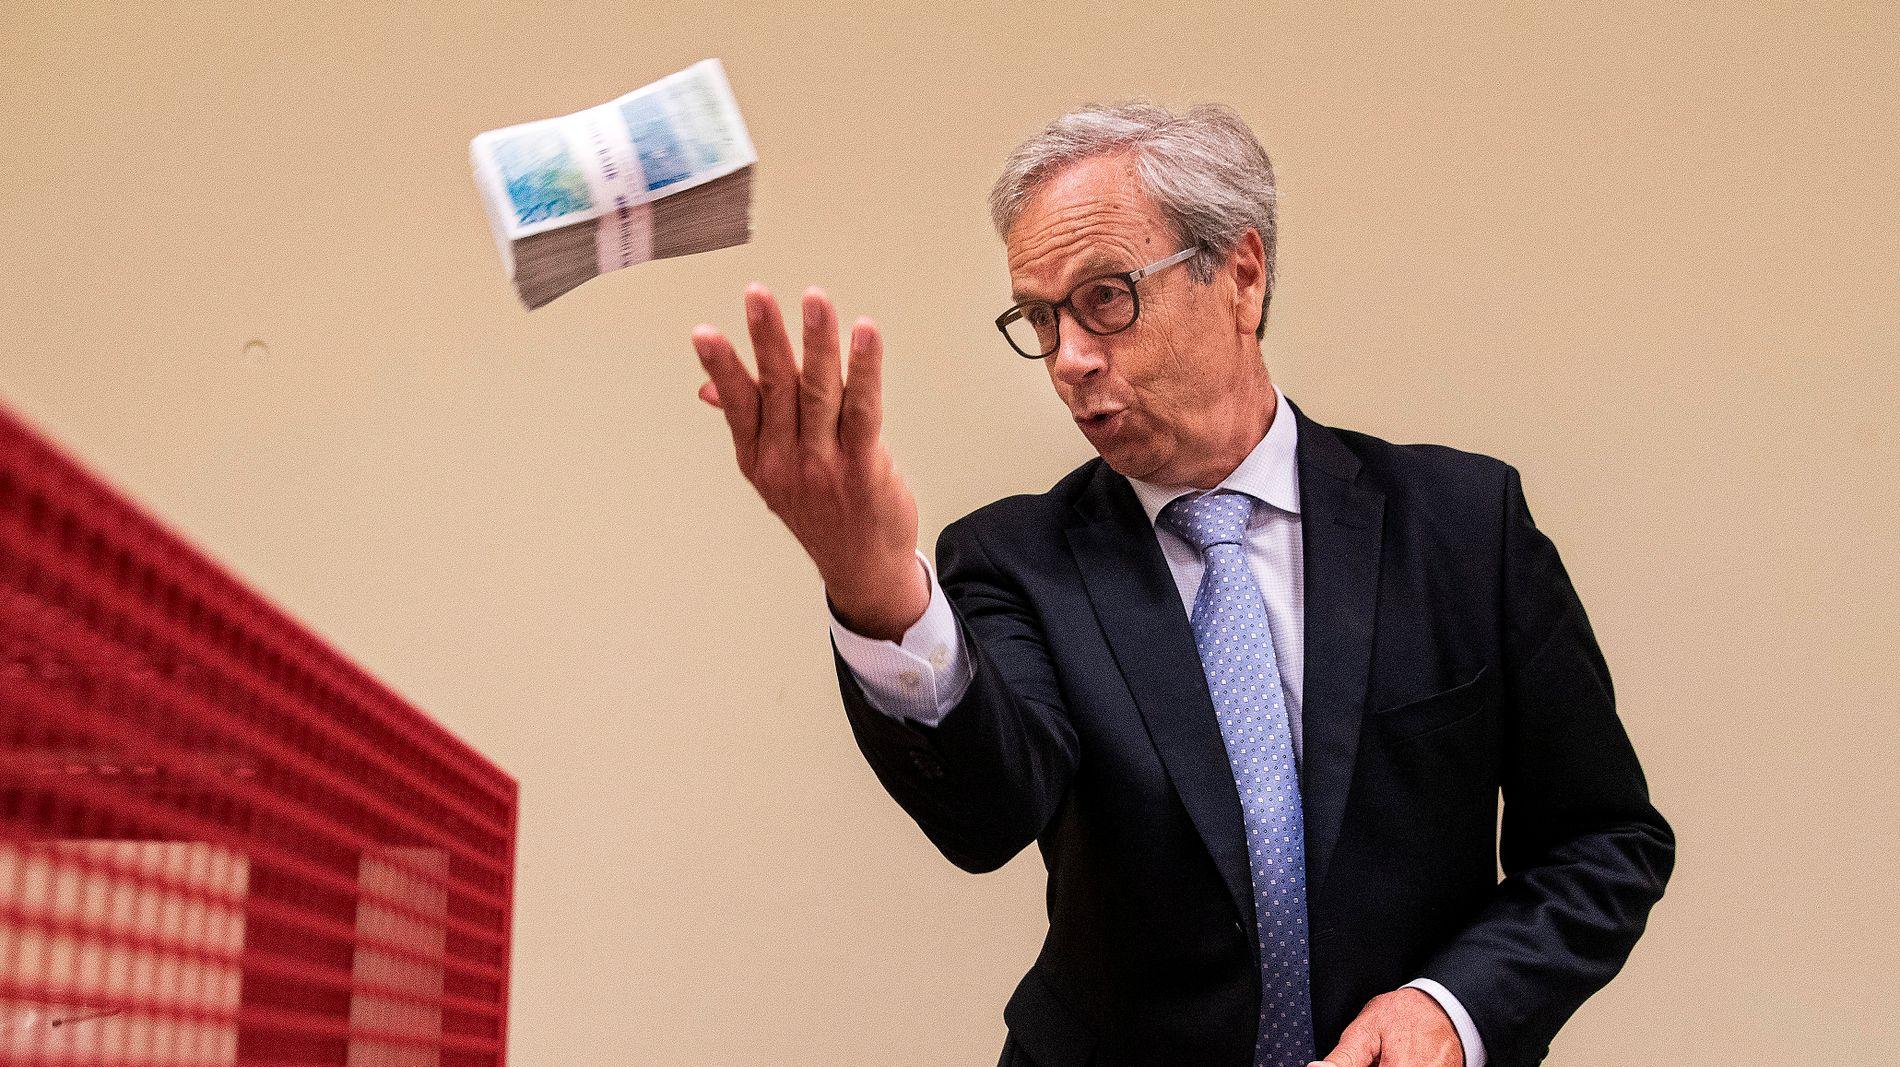 KRONEKJØP: Norges Bank øker kronekjøpene med 200 millioner til 700 millioner kroner per dag i september, noe som overrasket økonomer.